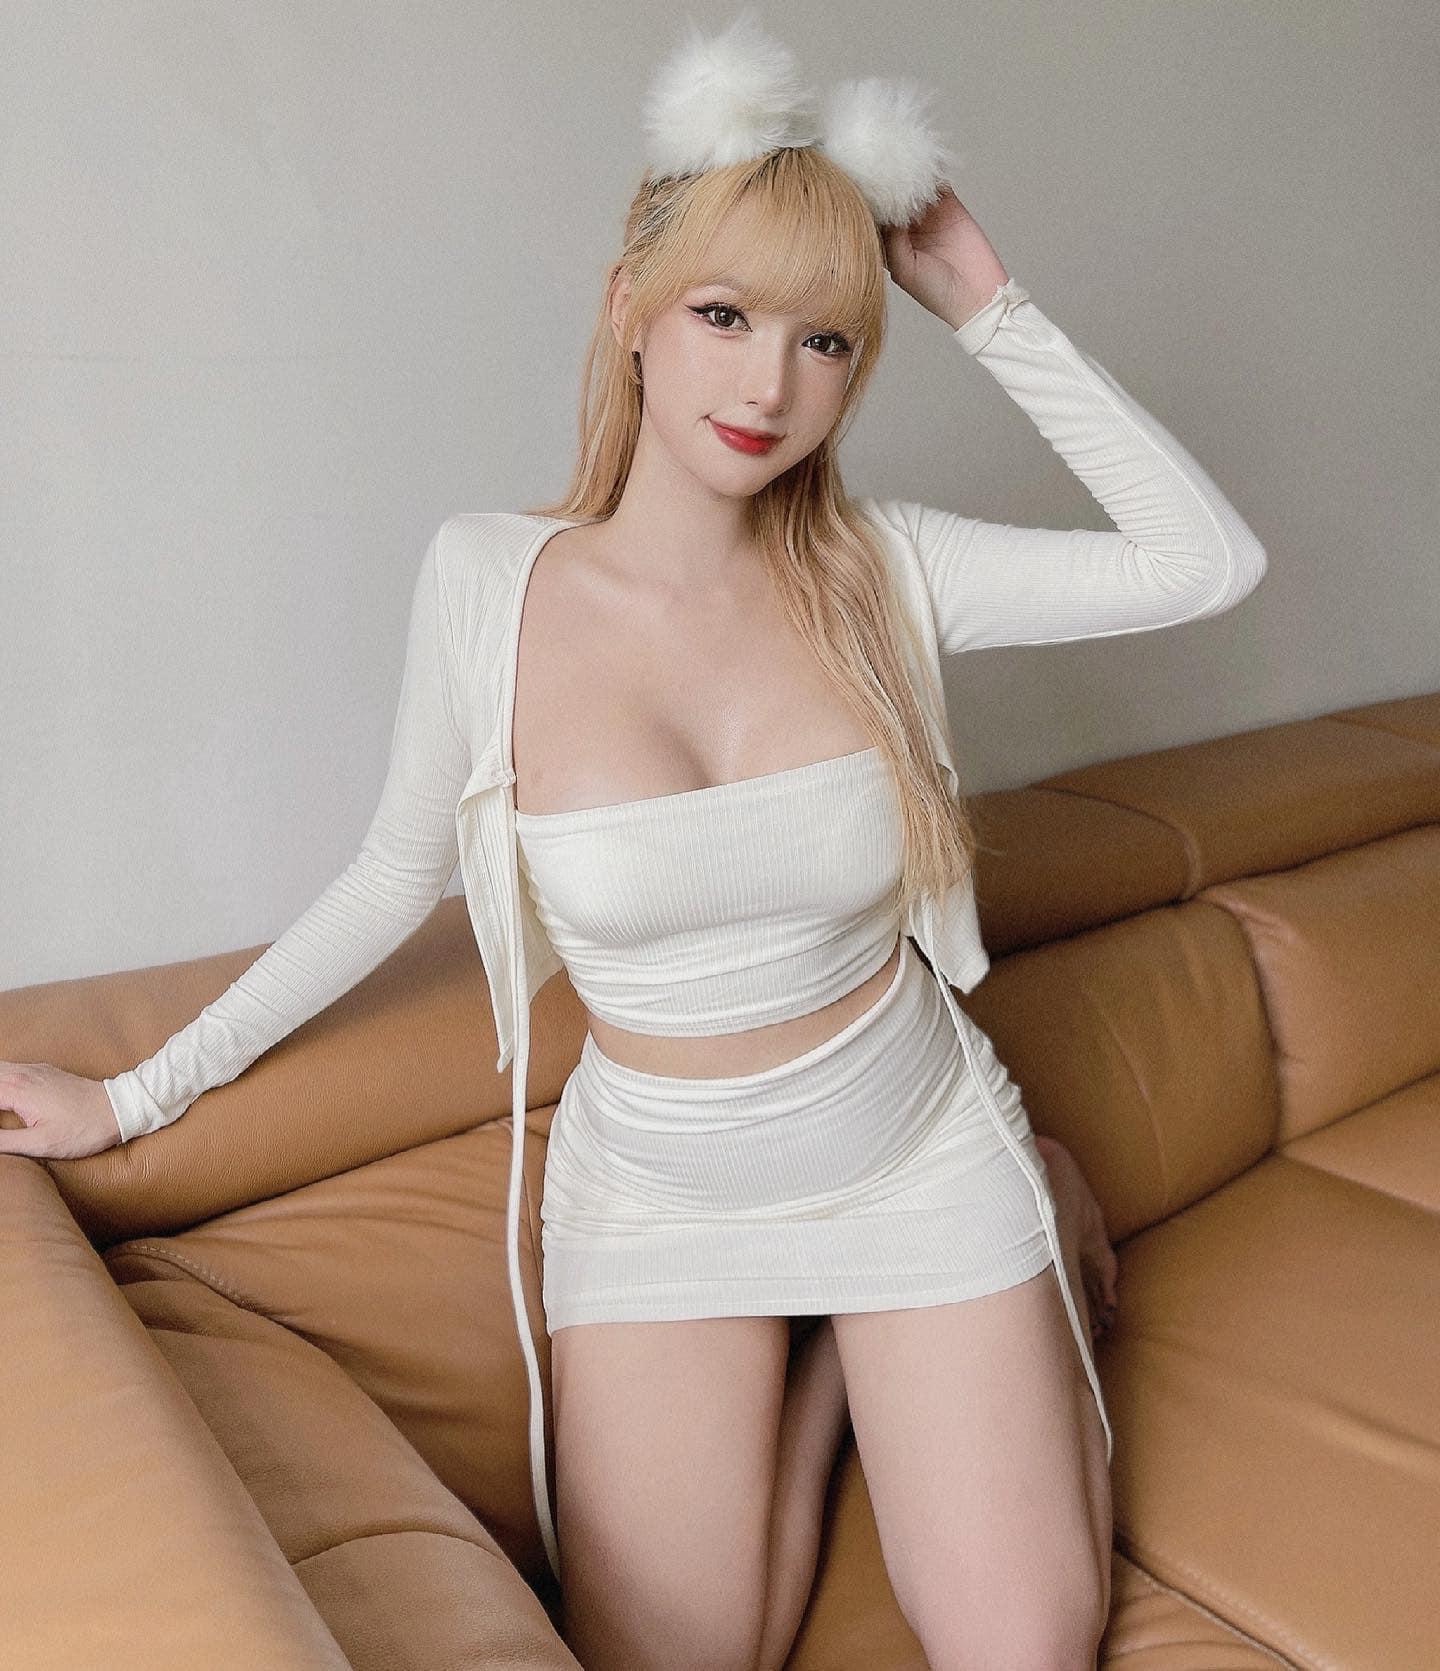 Thí sinh chuyển giới của Hoa hậu Hoàn vũ Việt Nam gây sốt với nhan sắc búp bê sống - page 2 - 7